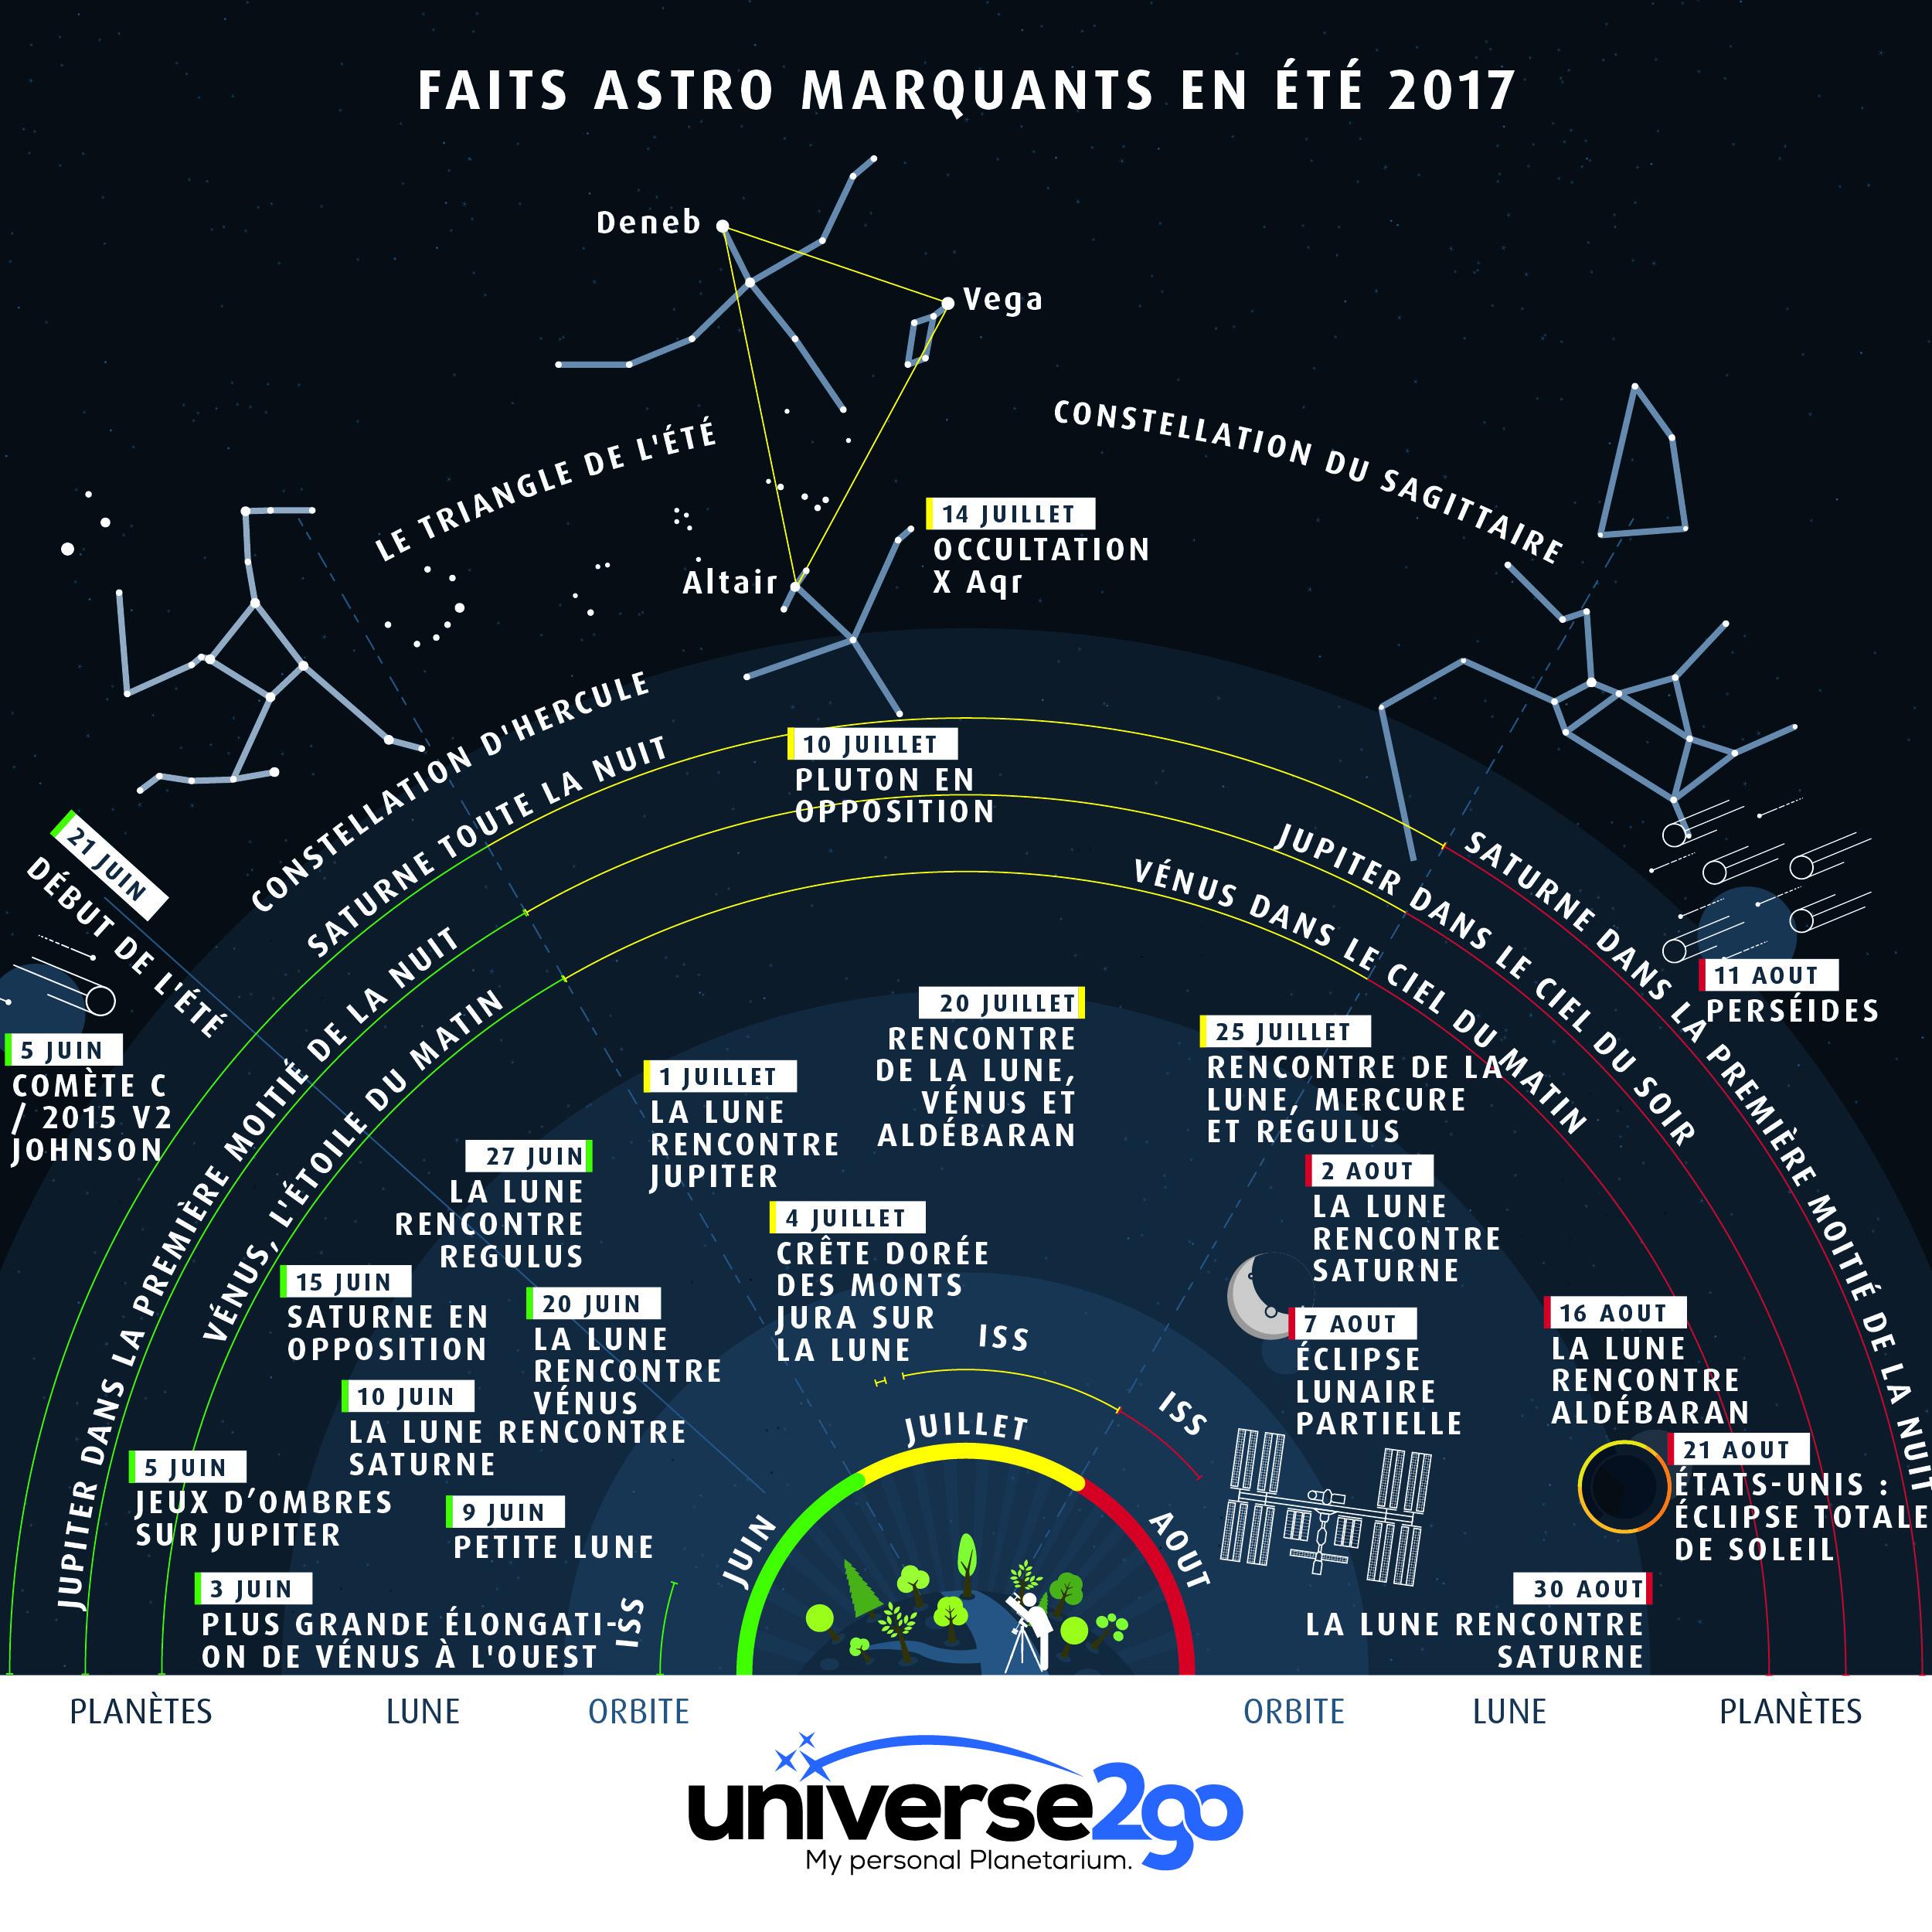 u2g-infographie-FAITS ASTRO MARQUANTS EN ÉTÉ 2017